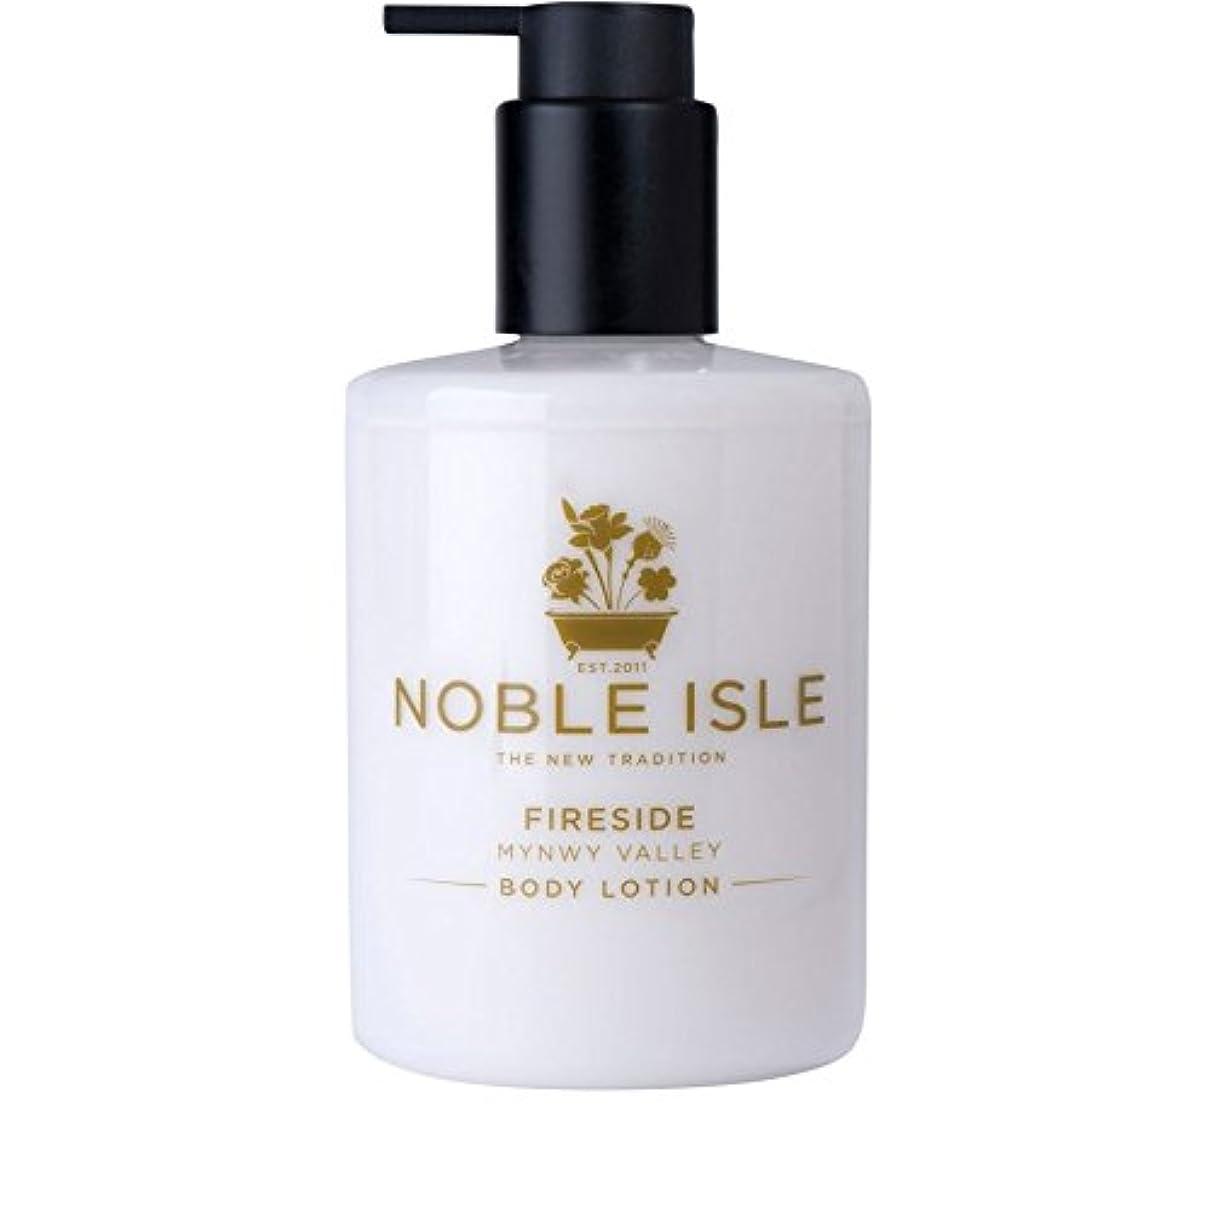 花瓶観察するルーキーNoble Isle Fireside Mynwy Valley Body Lotion 250ml (Pack of 6) - 高貴な島炉端谷のボディローション250ミリリットル x6 [並行輸入品]